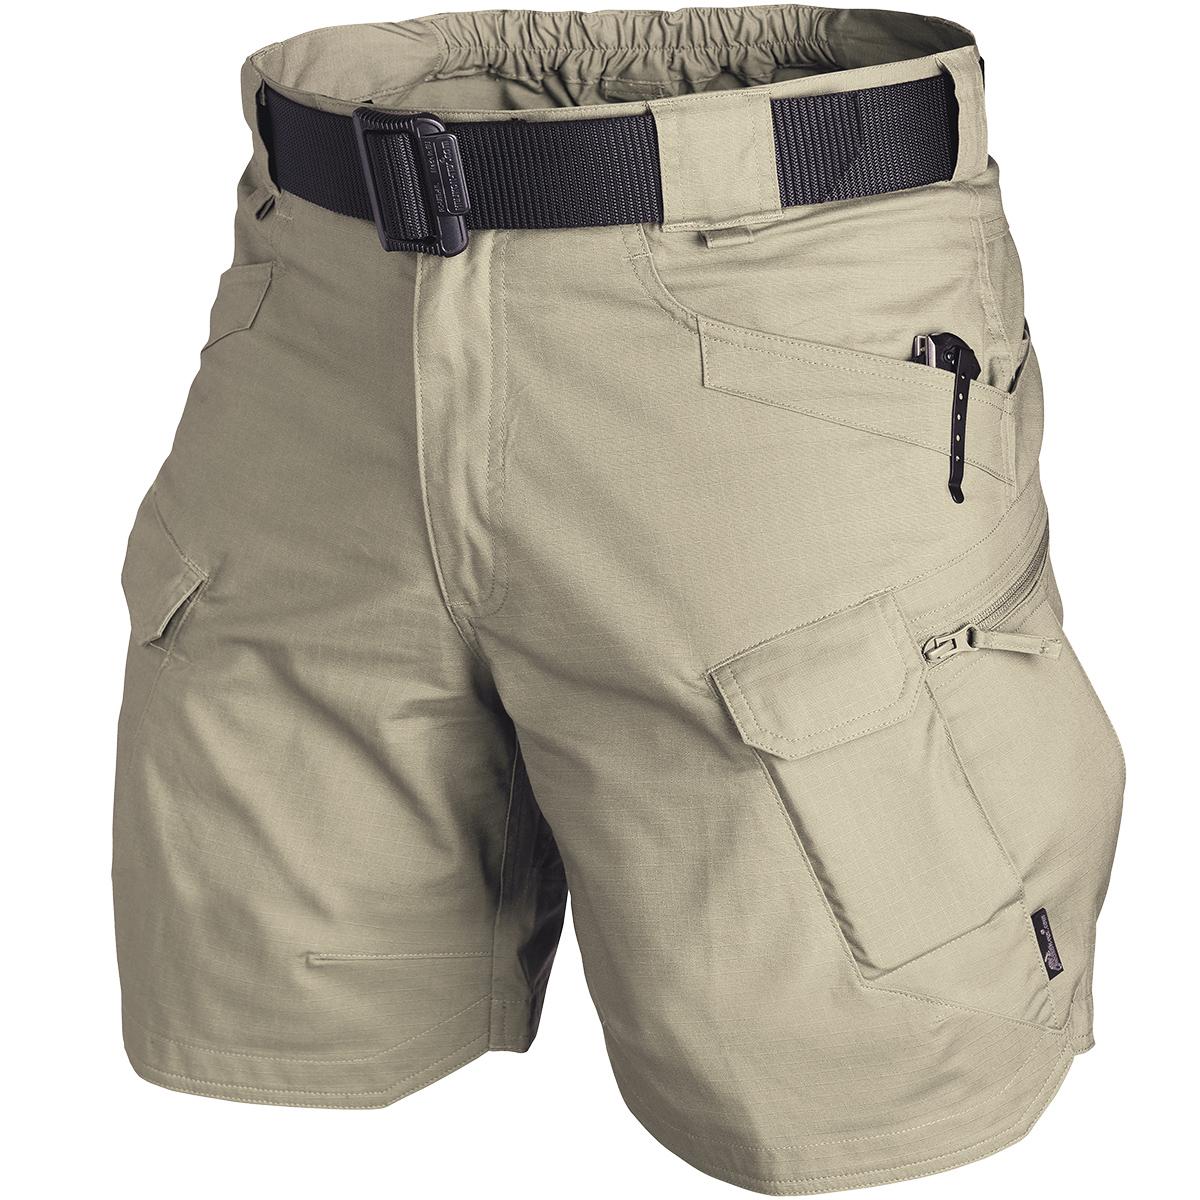 8 shorts mens